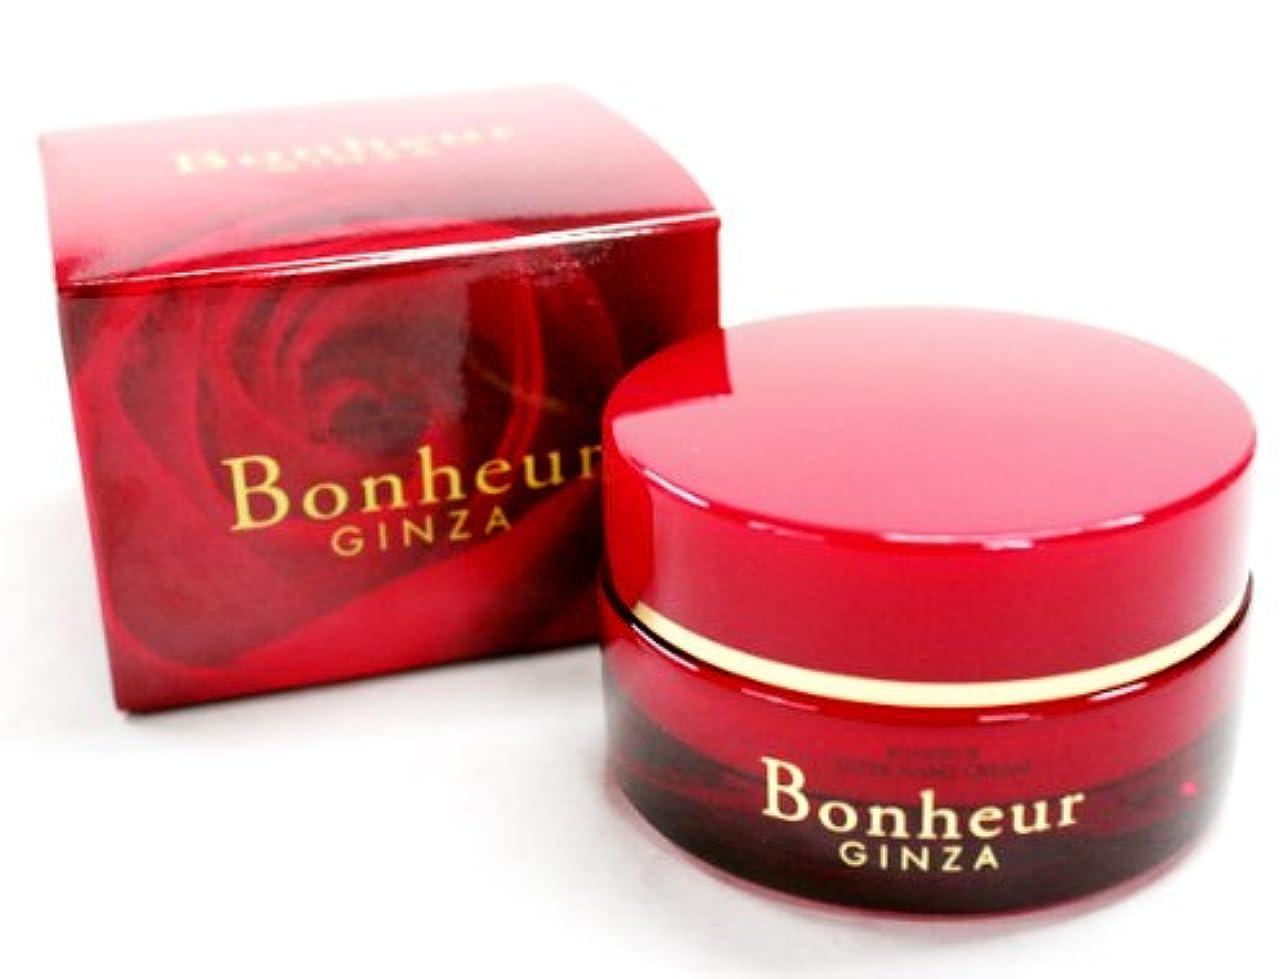 専ら大型トラック見捨てられたBonheur GINZA ボヌール スーパーナノクリーム 30g (こちらの商品の内訳は『1点』のみ)